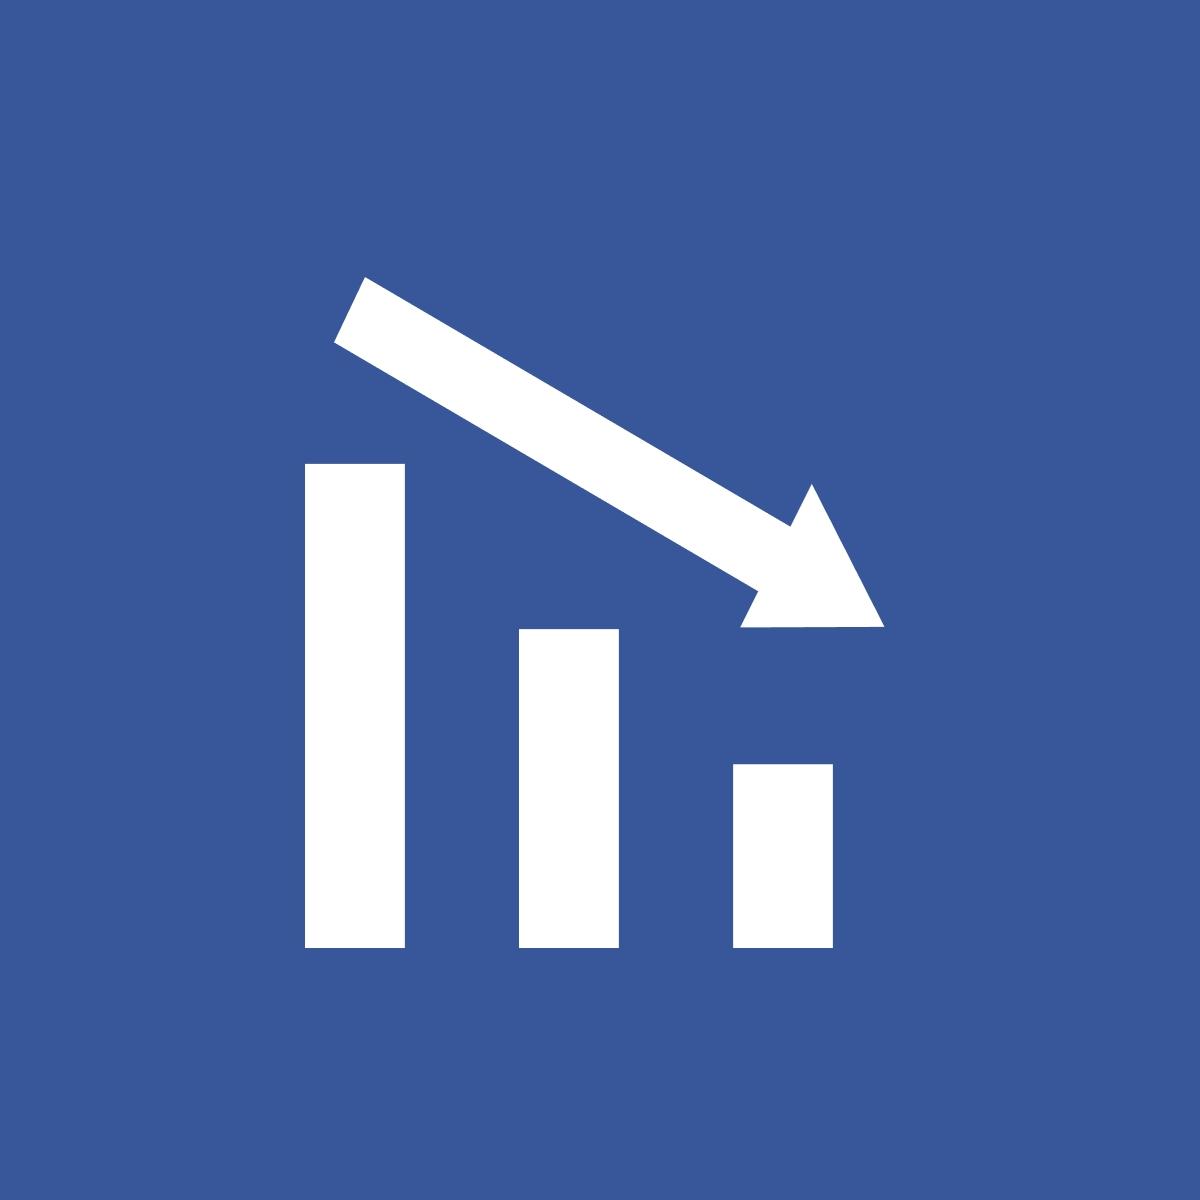 Shopify Low Stock Alert Apps by Xeon app